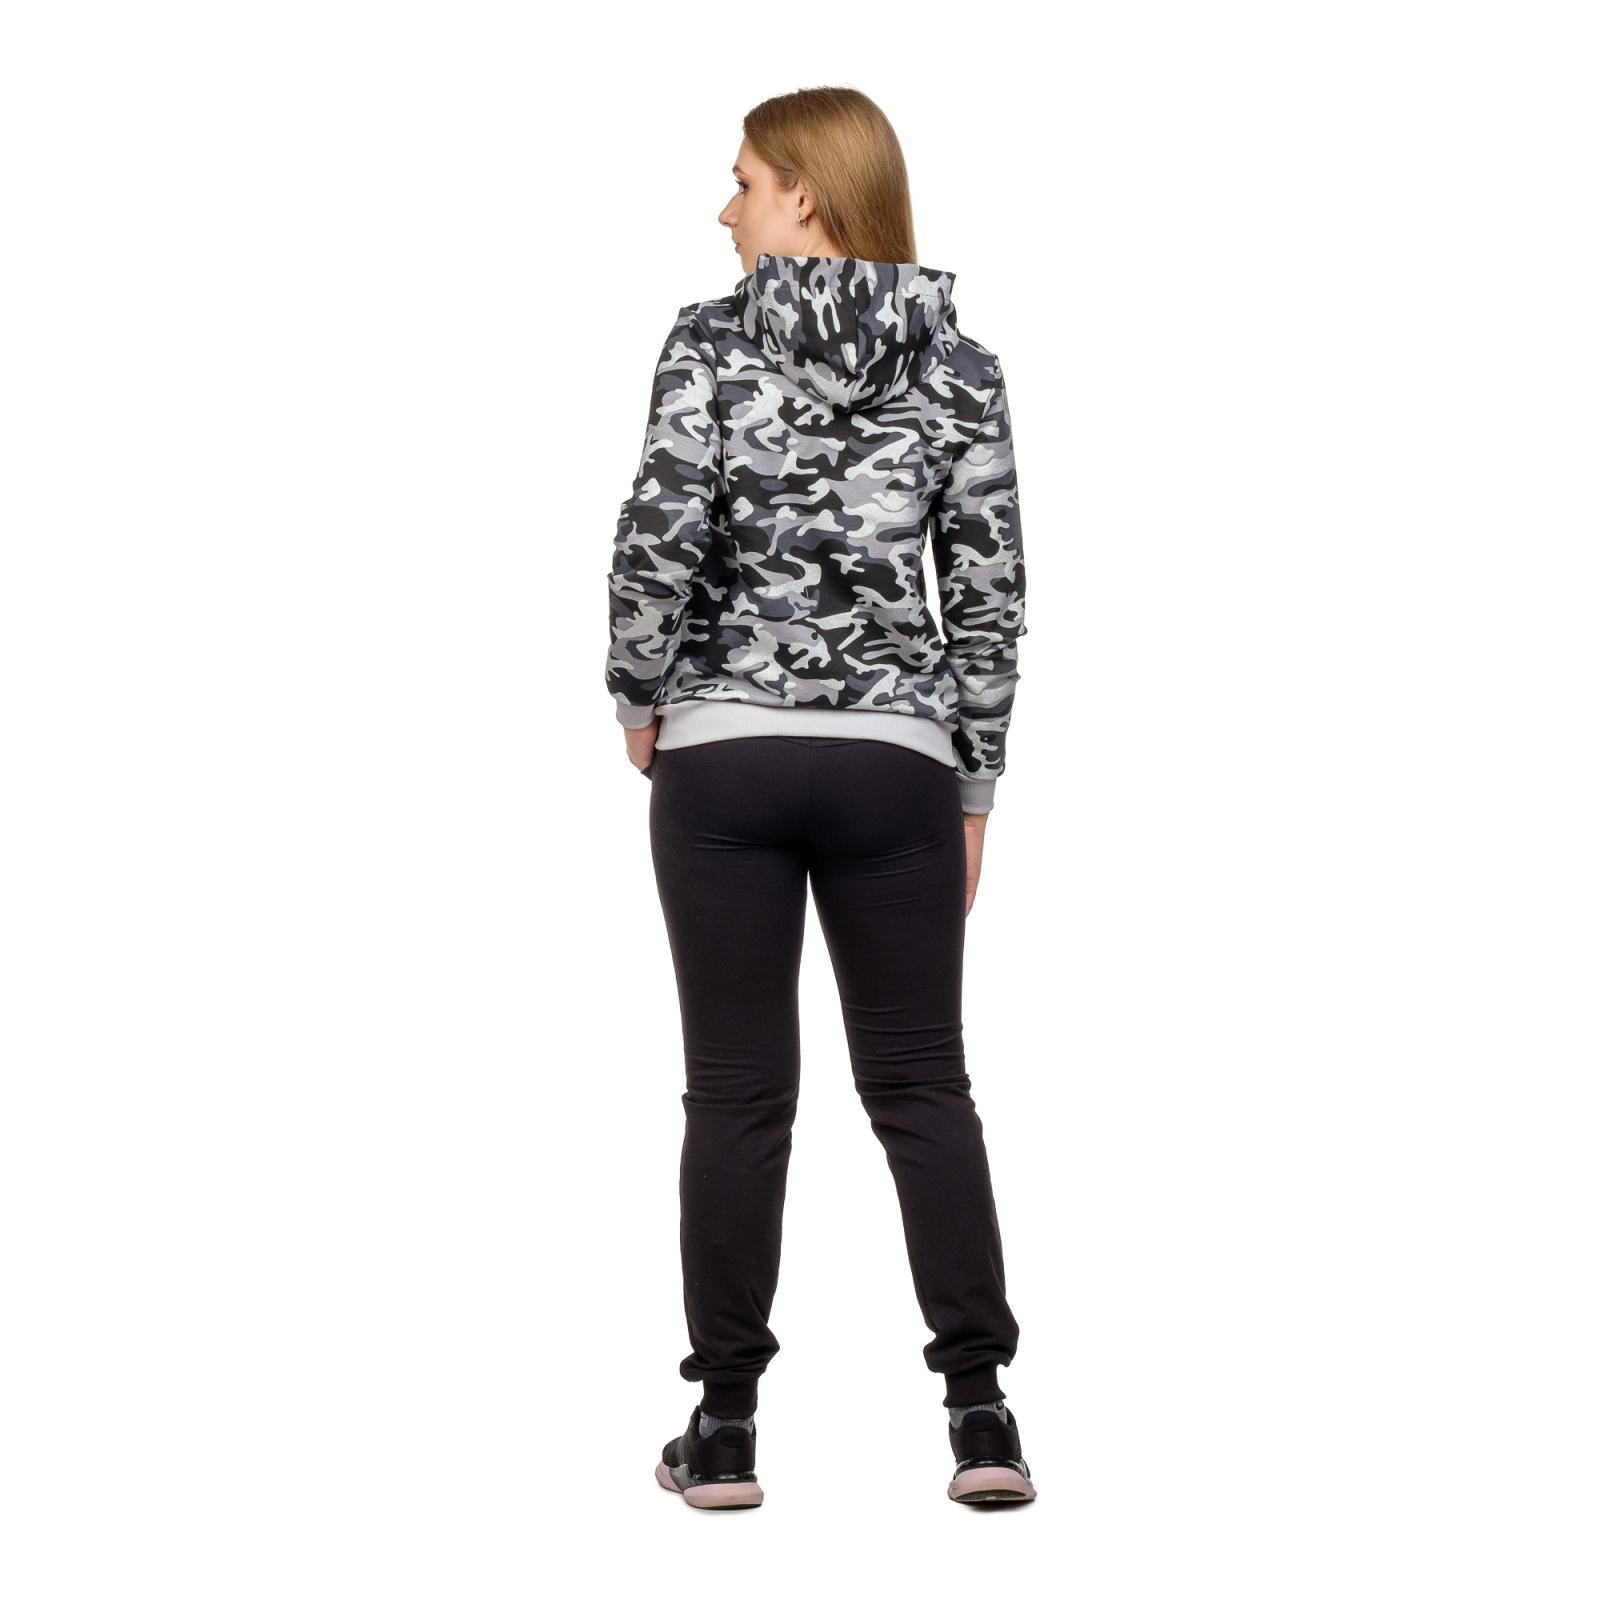 Костюм Чёрный камуфляж (брюки+кофта на замке) М-0202ЧКФ